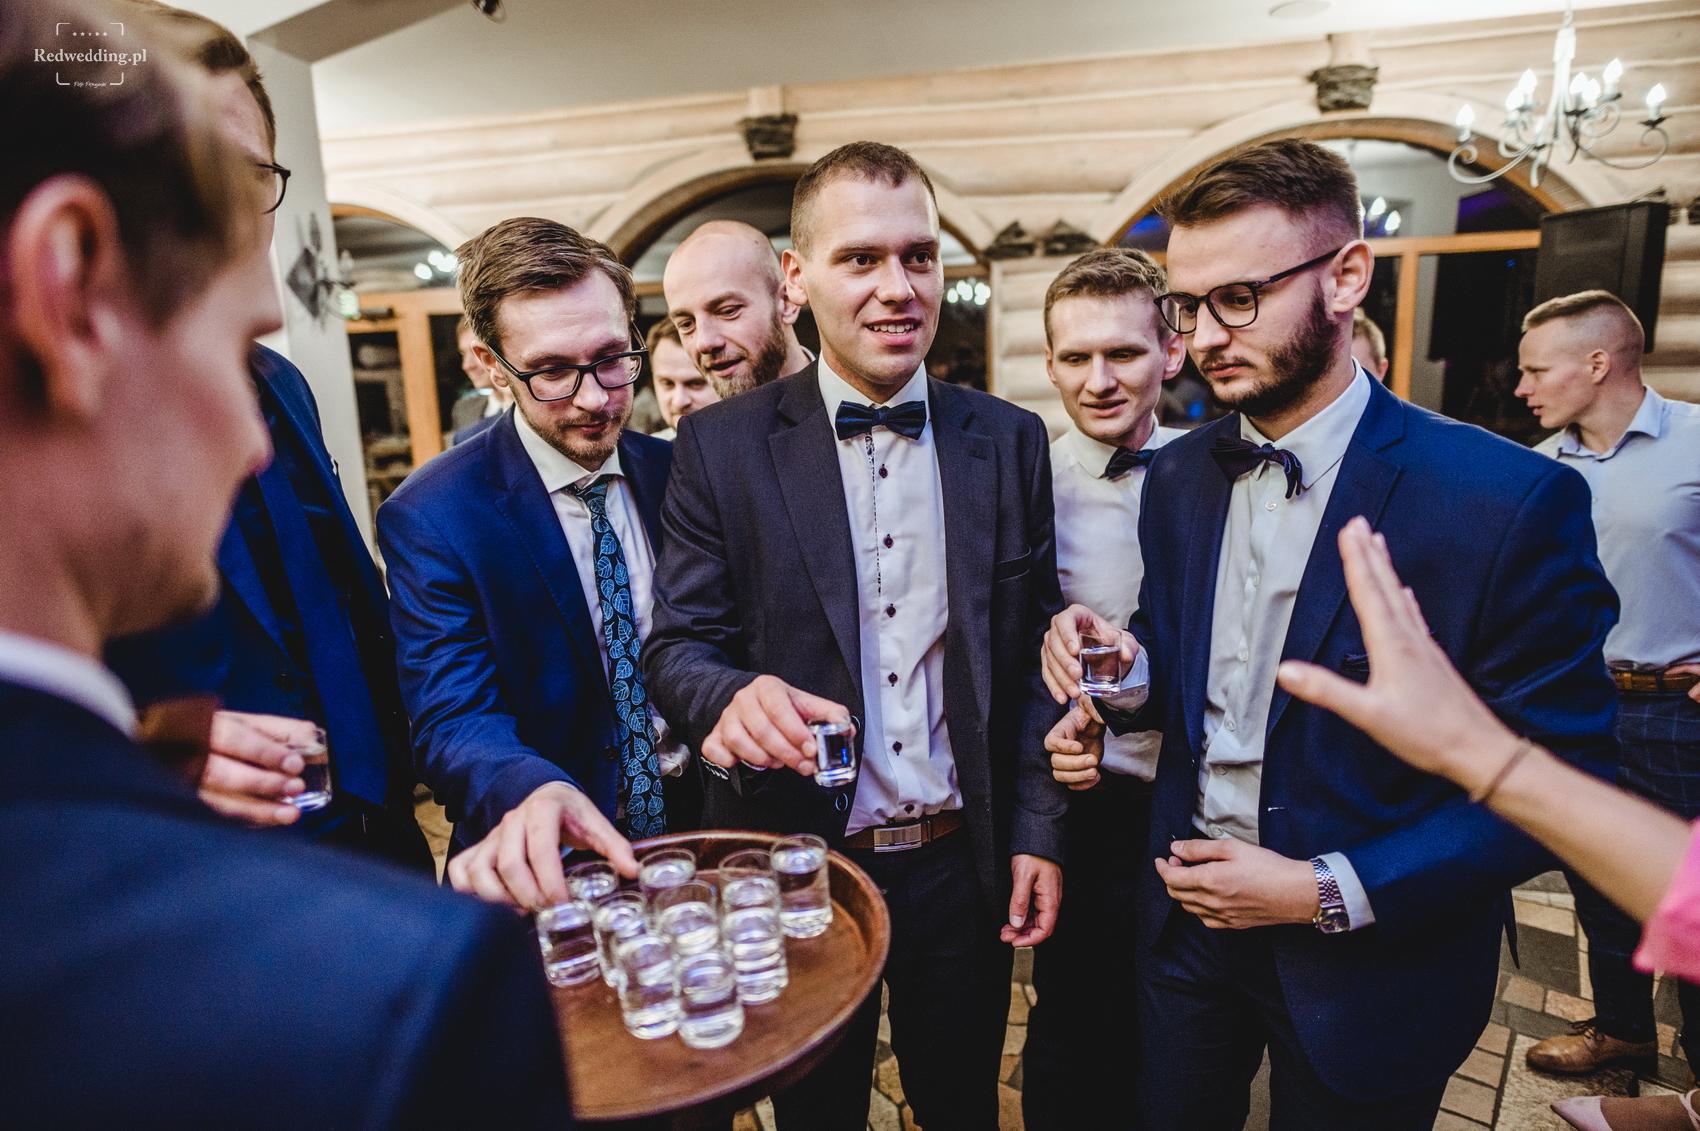 Fotografia ślubna Gdańsk redwedding